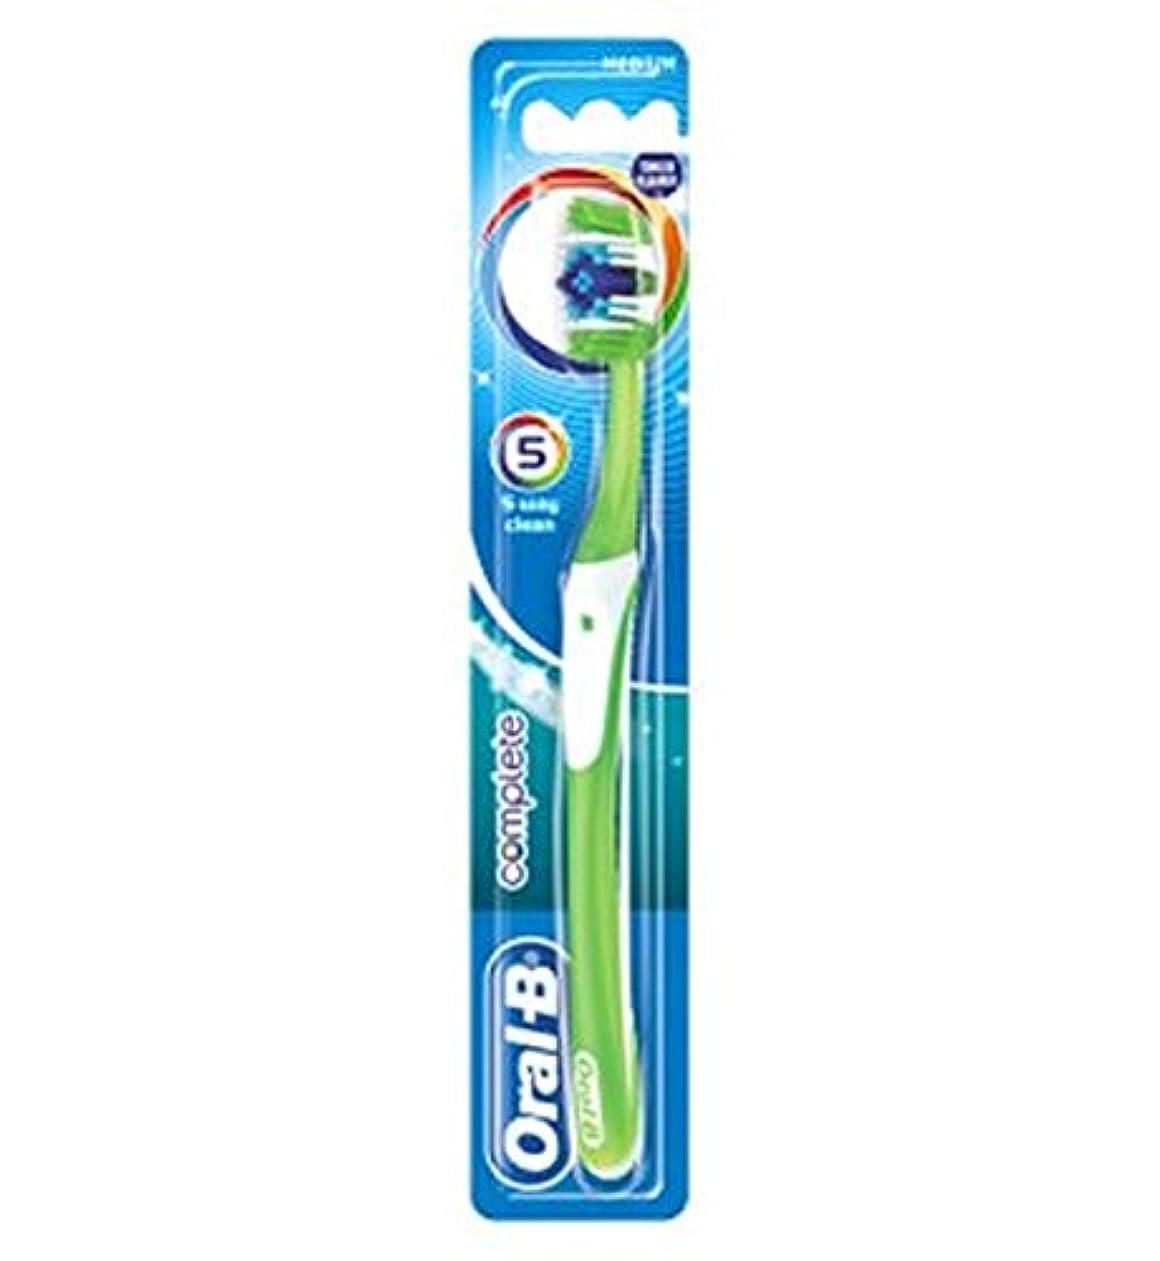 解読するプライム辛なOral-B Complete 5 Way Clean Medium Manual Toothbrush - オーラルBの完全な5道クリーンなメディアの手動歯ブラシ (Oral B) [並行輸入品]